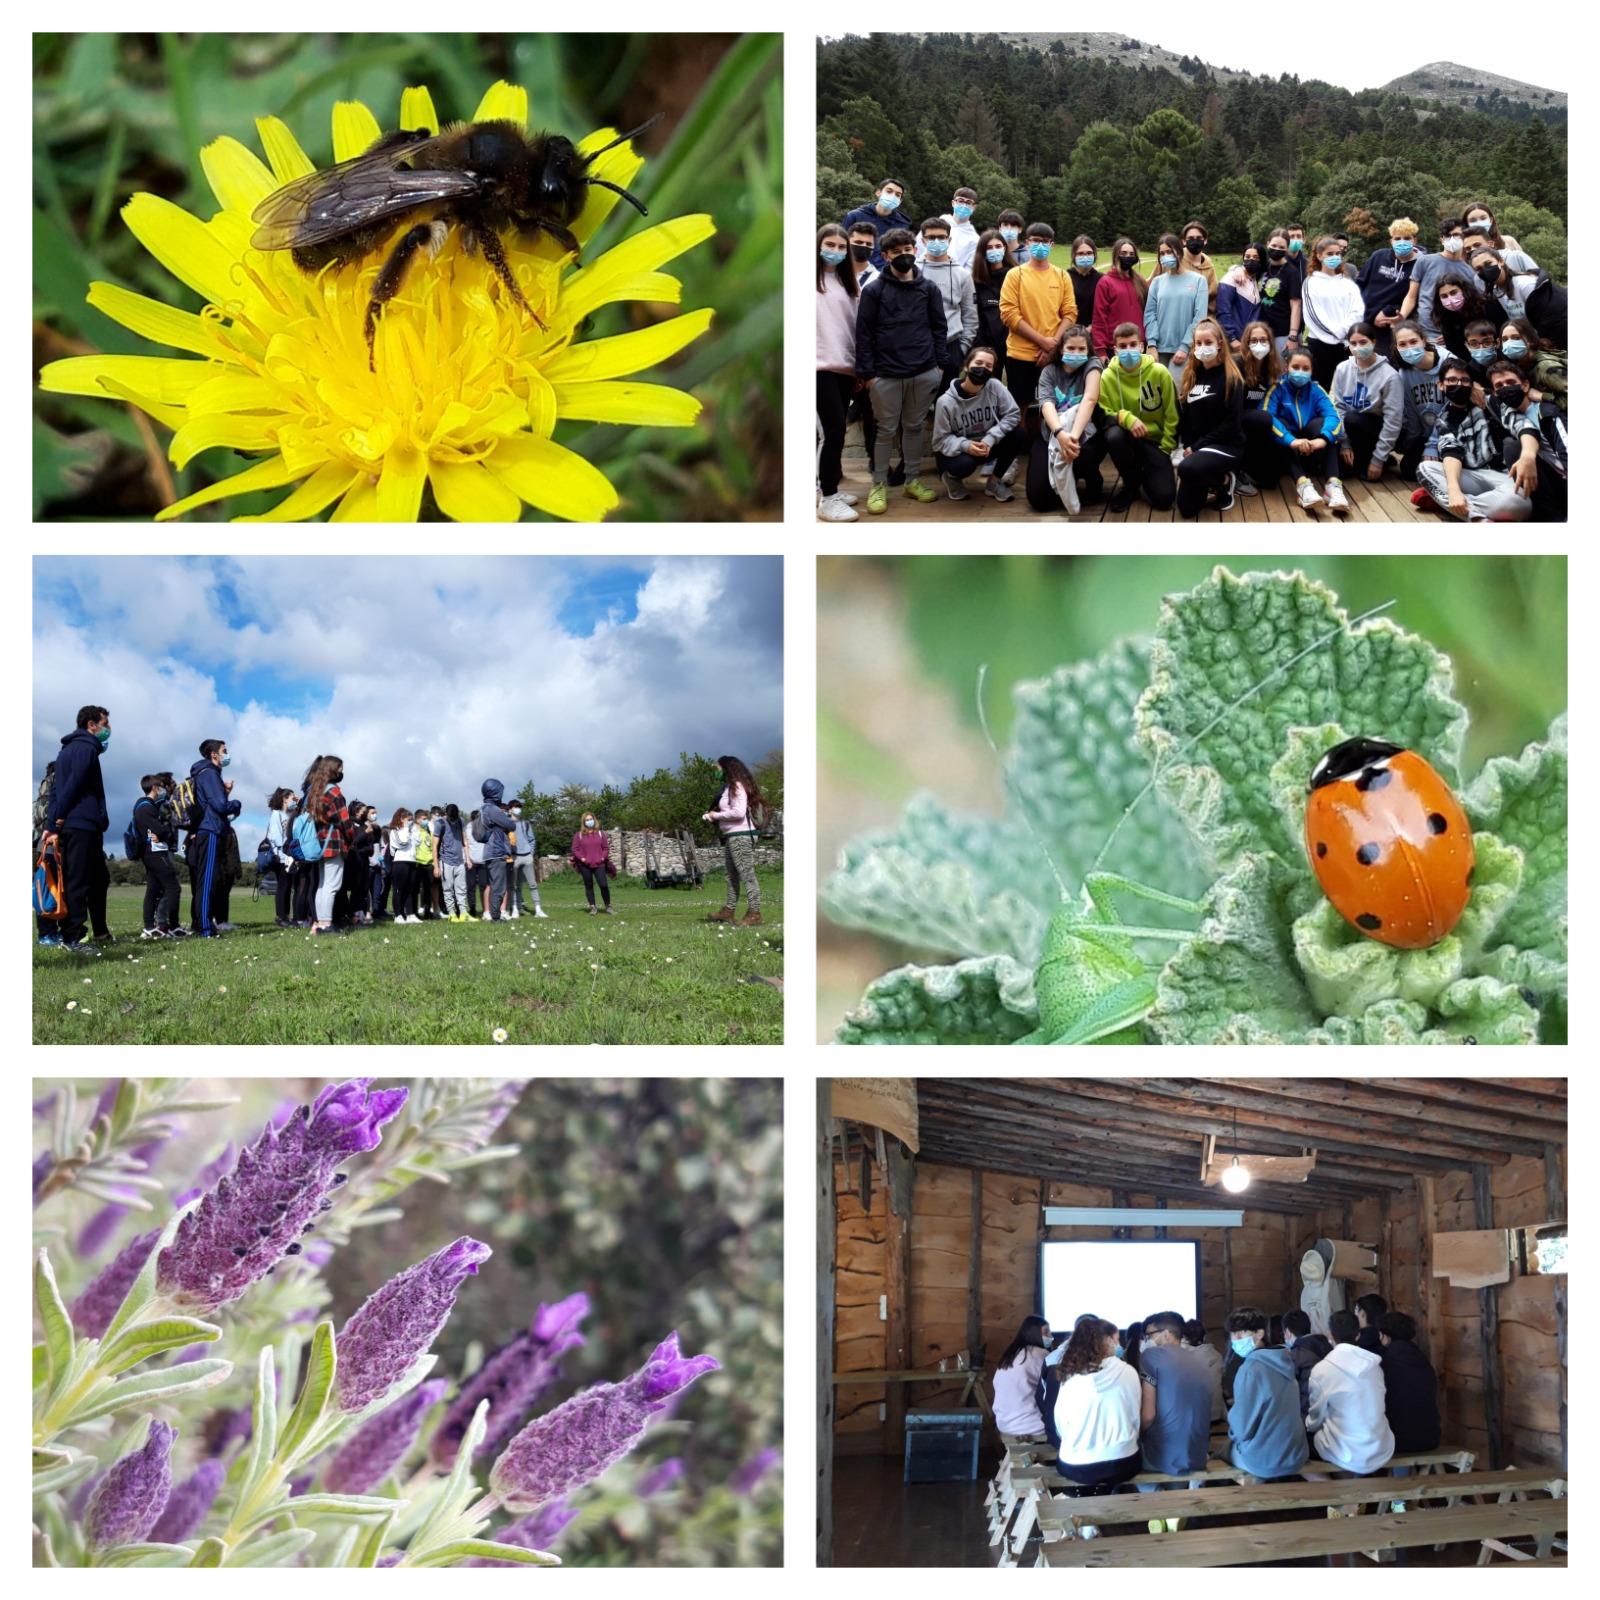 Bosque Escuela: Sierra de las Nieves